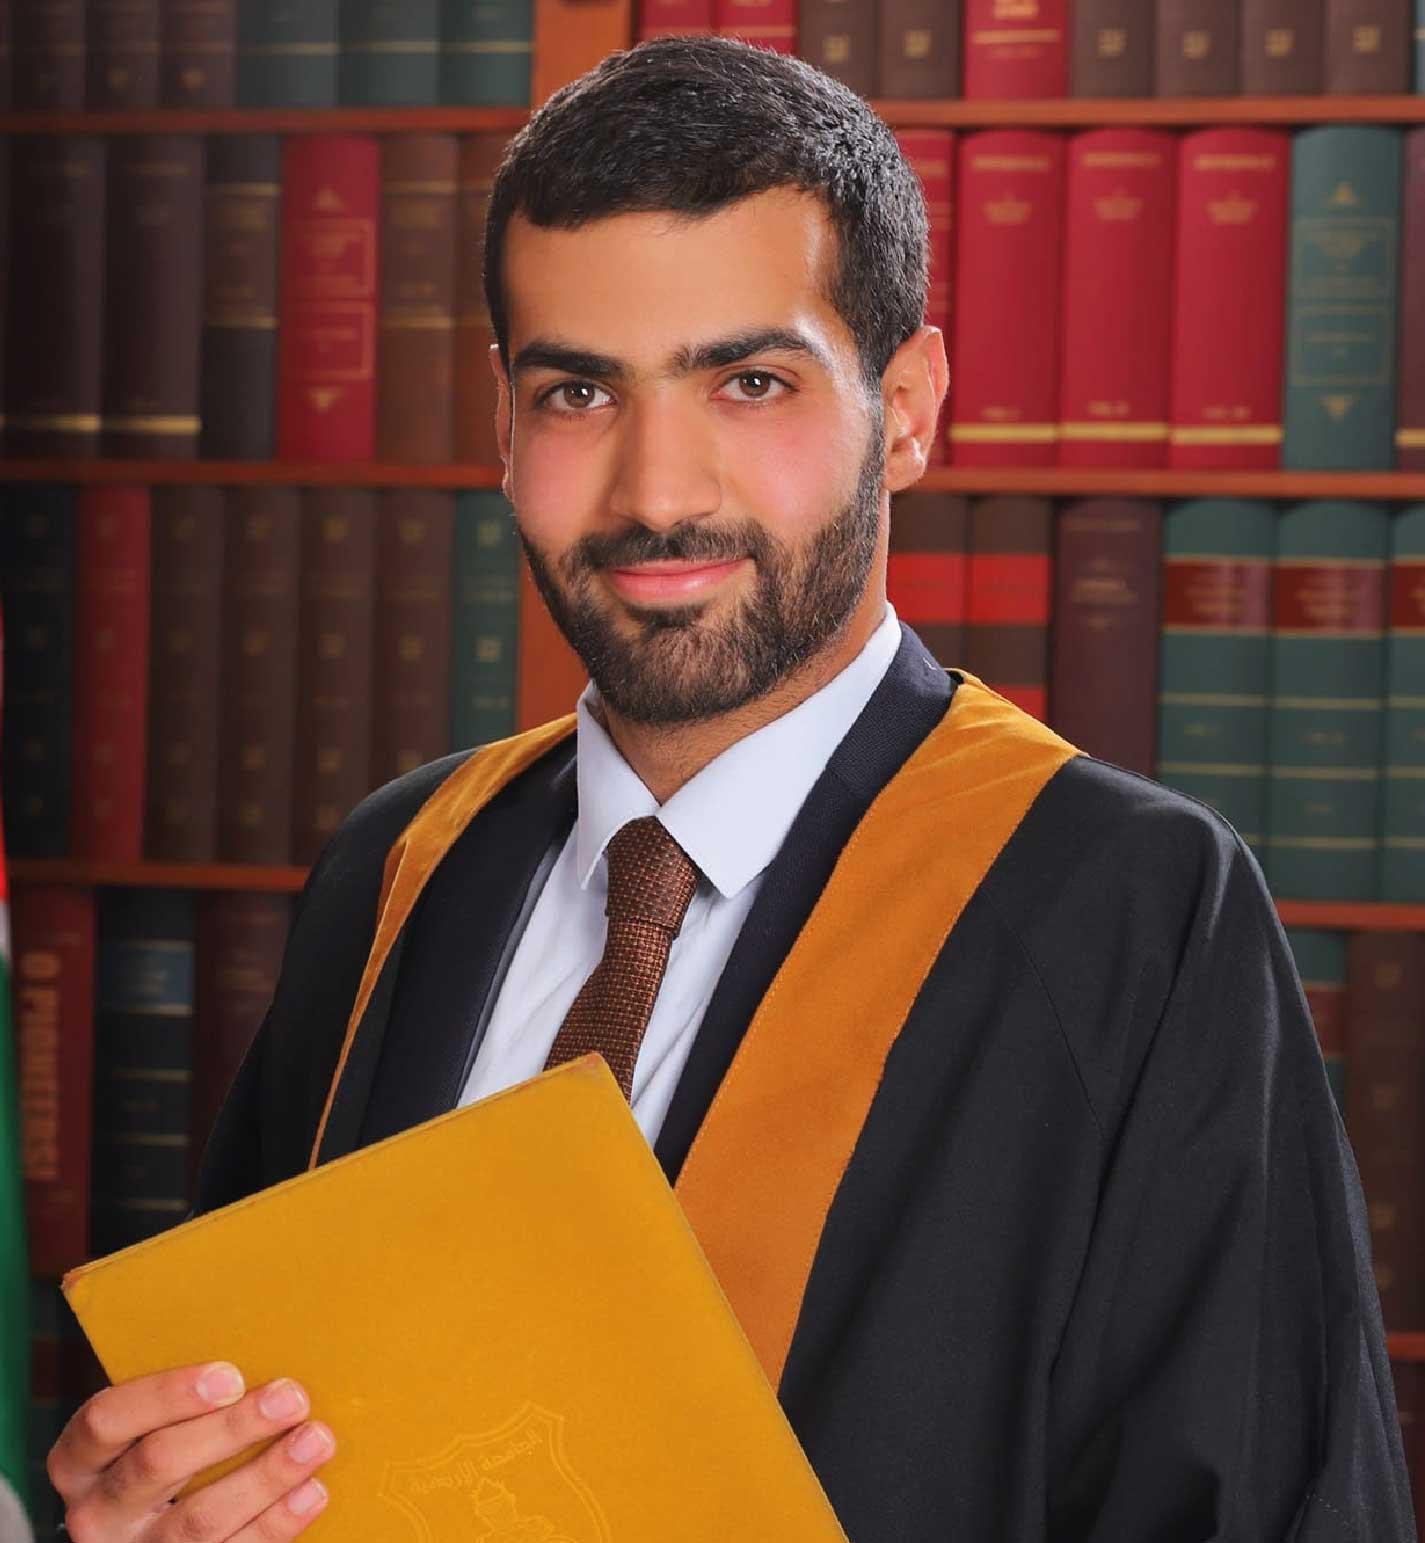 Eng. Yehia Labeeb